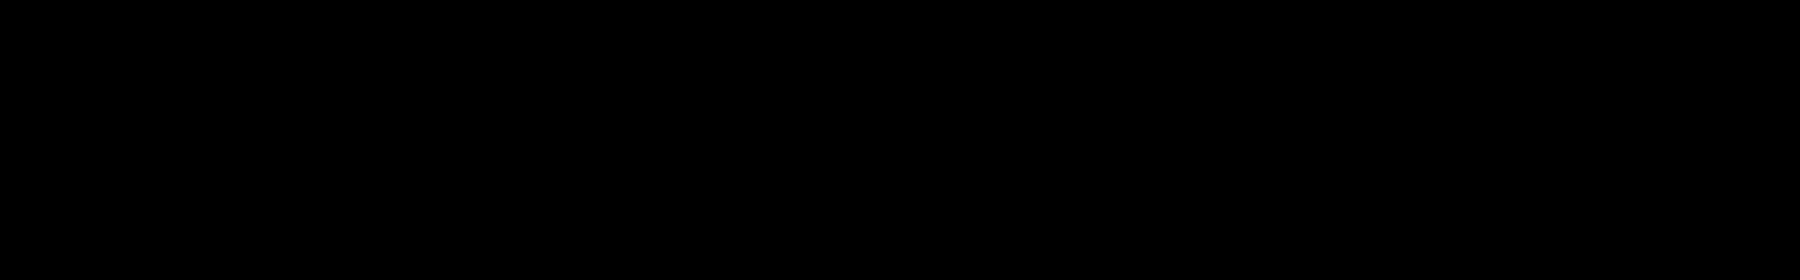 Psytrance Inside audio waveform